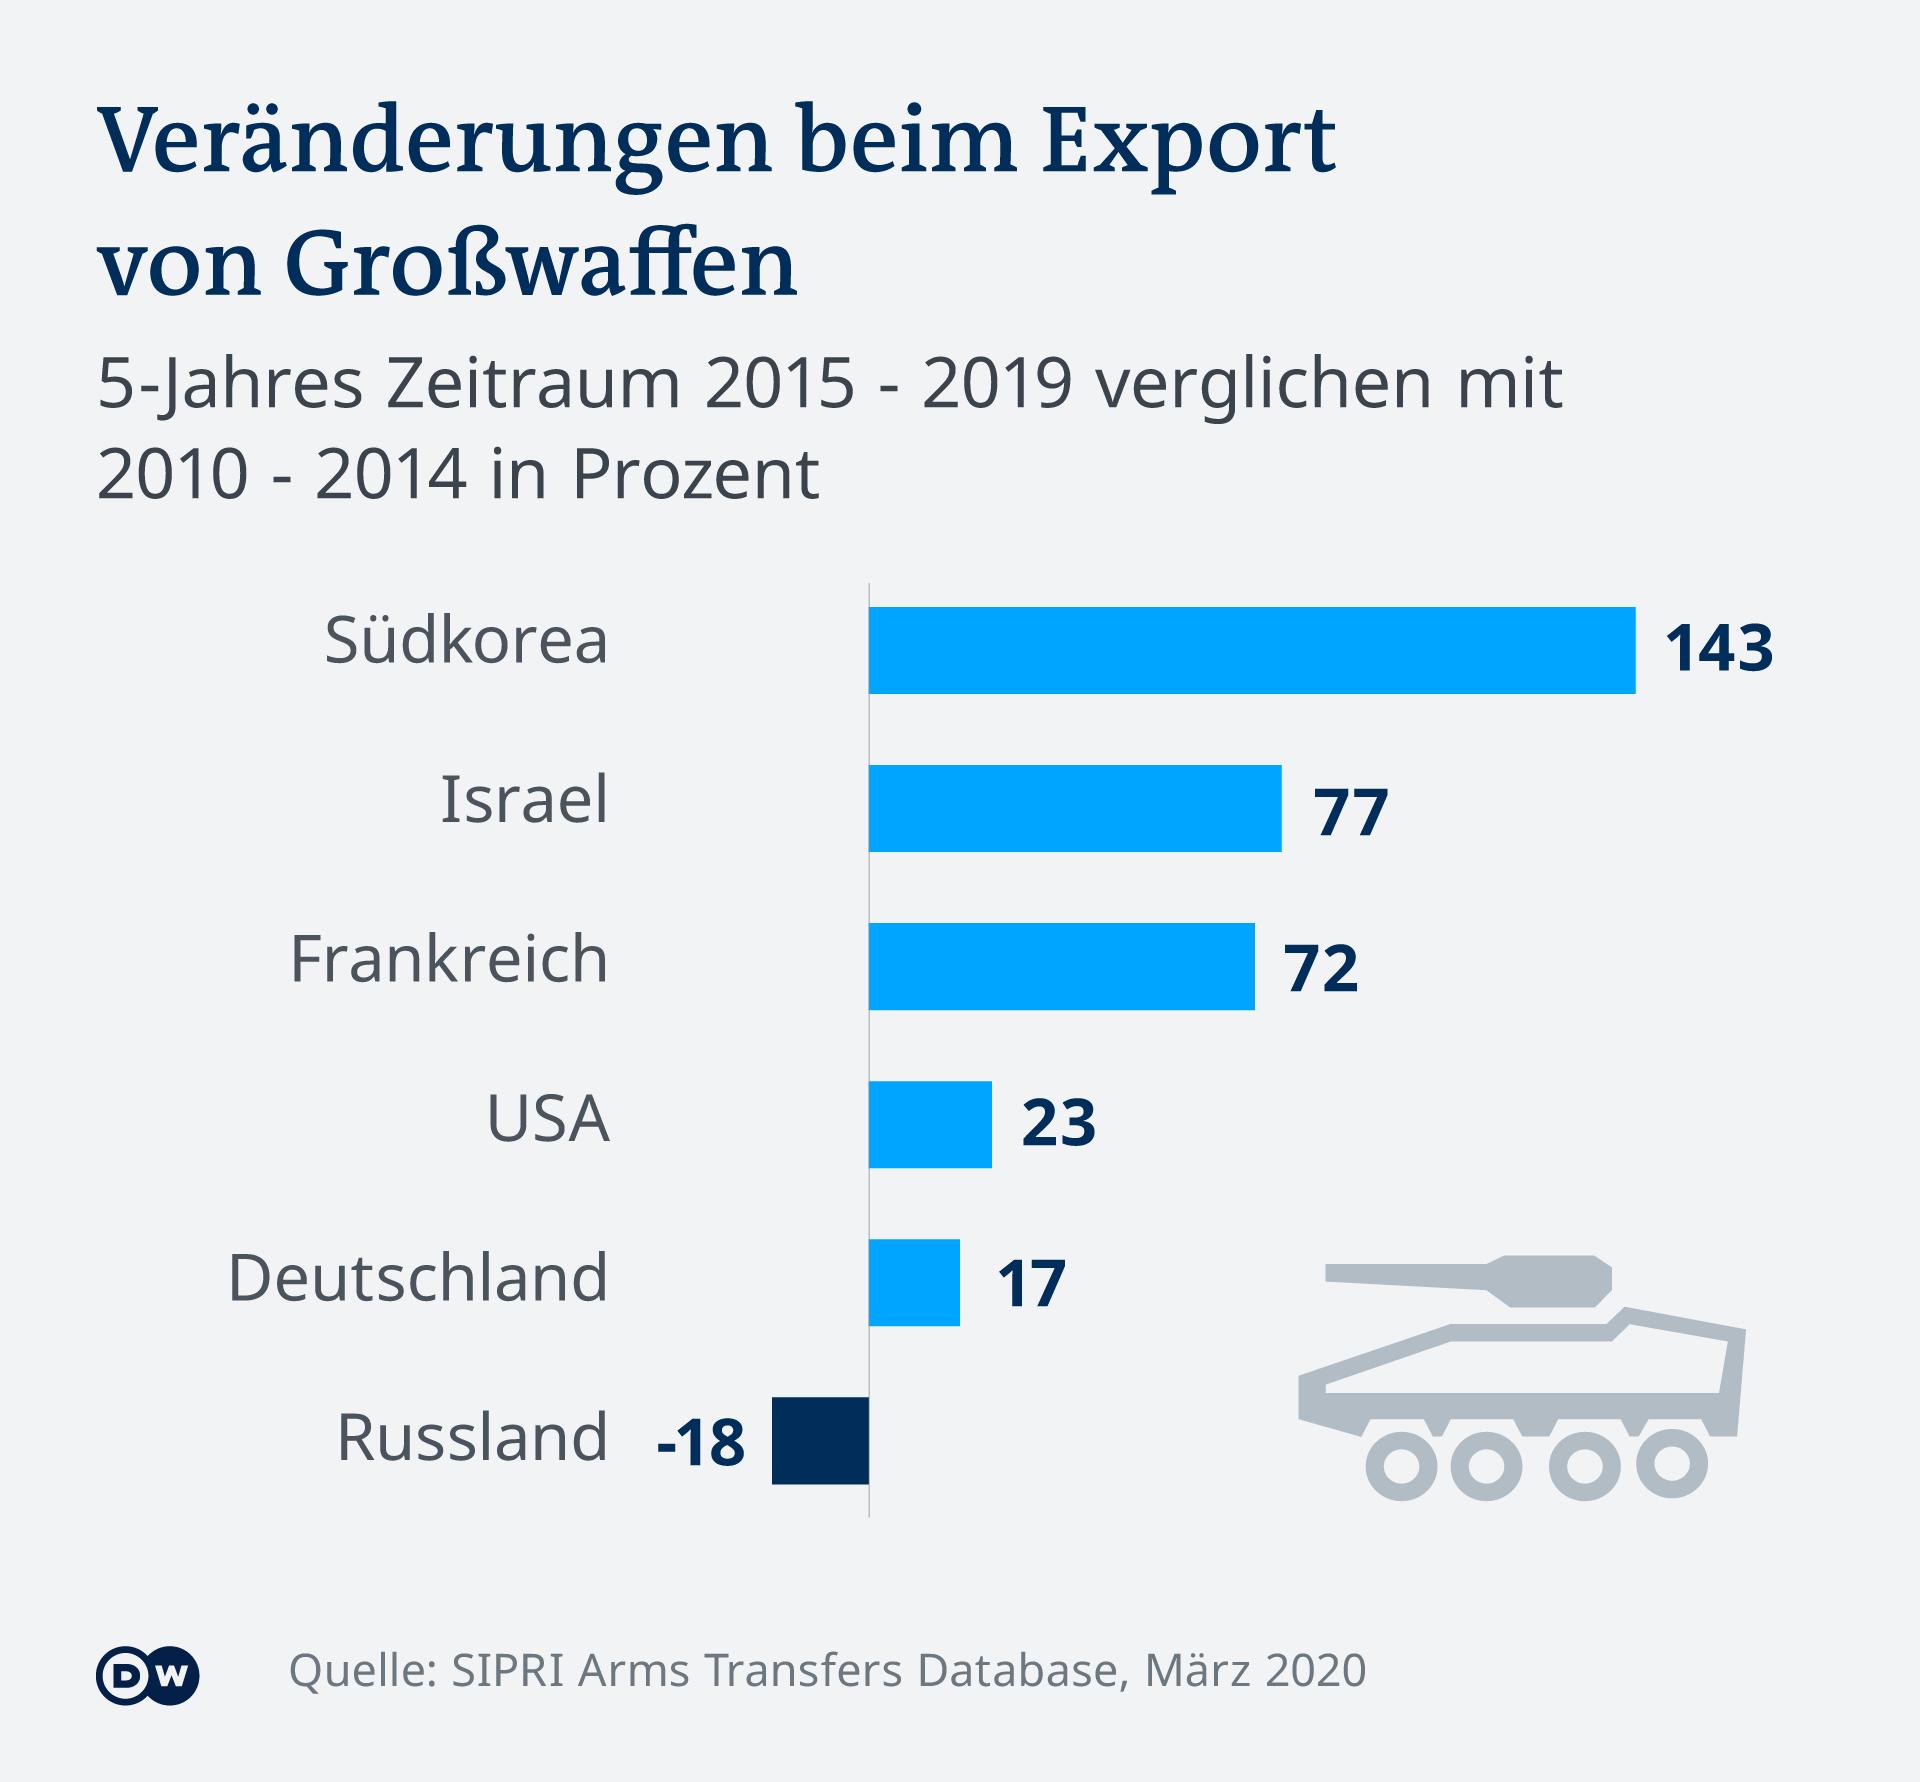 Infografik Veränderungen beim Export von Großwaffen SIPRI 2019 DE